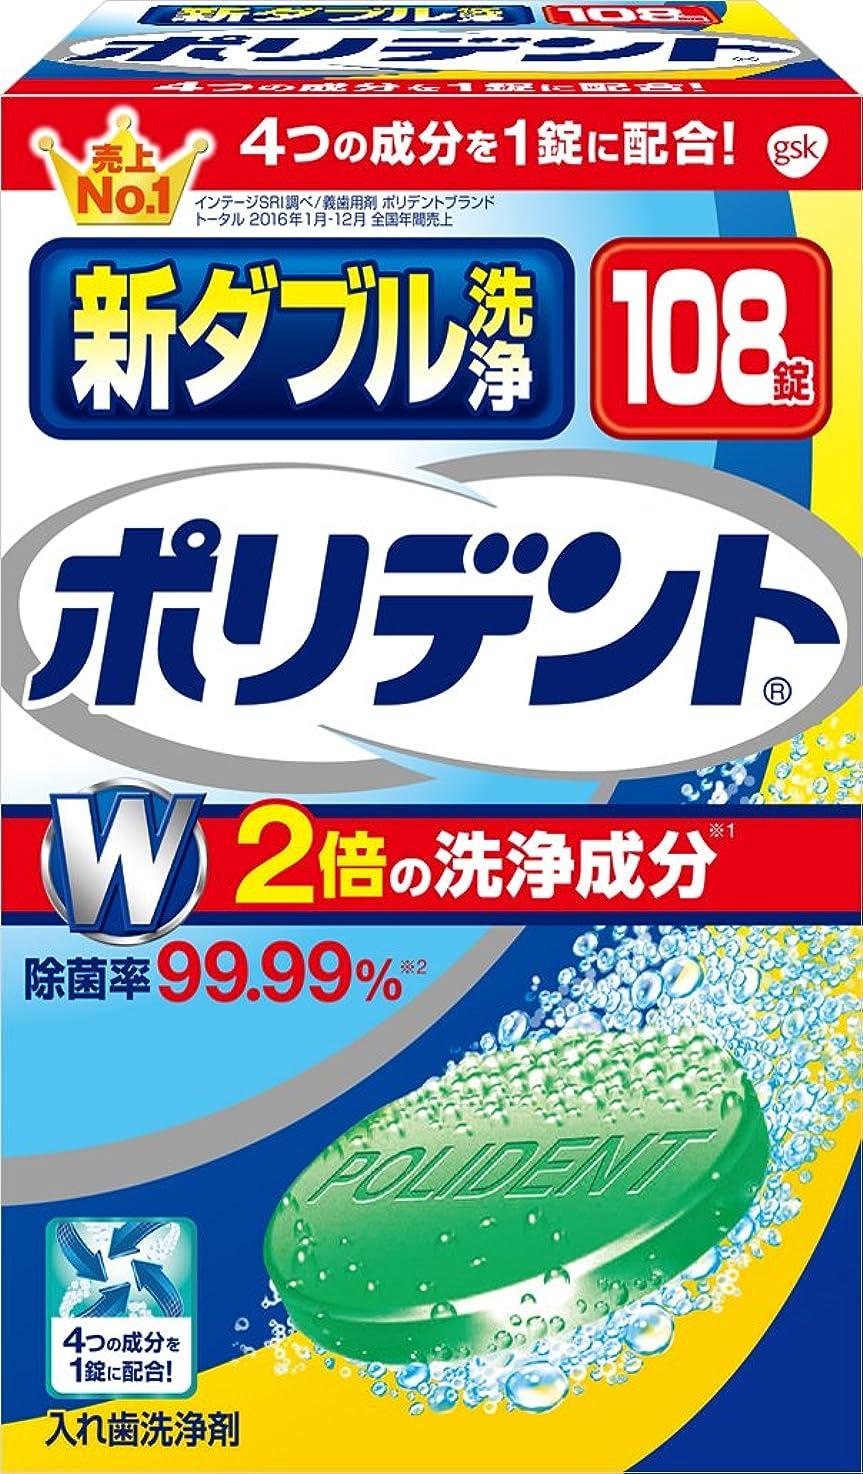 スケートあまりにも心理的に入れ歯洗浄剤 新ダブル洗浄 ポリデント? 2倍の洗浄成分 108錠